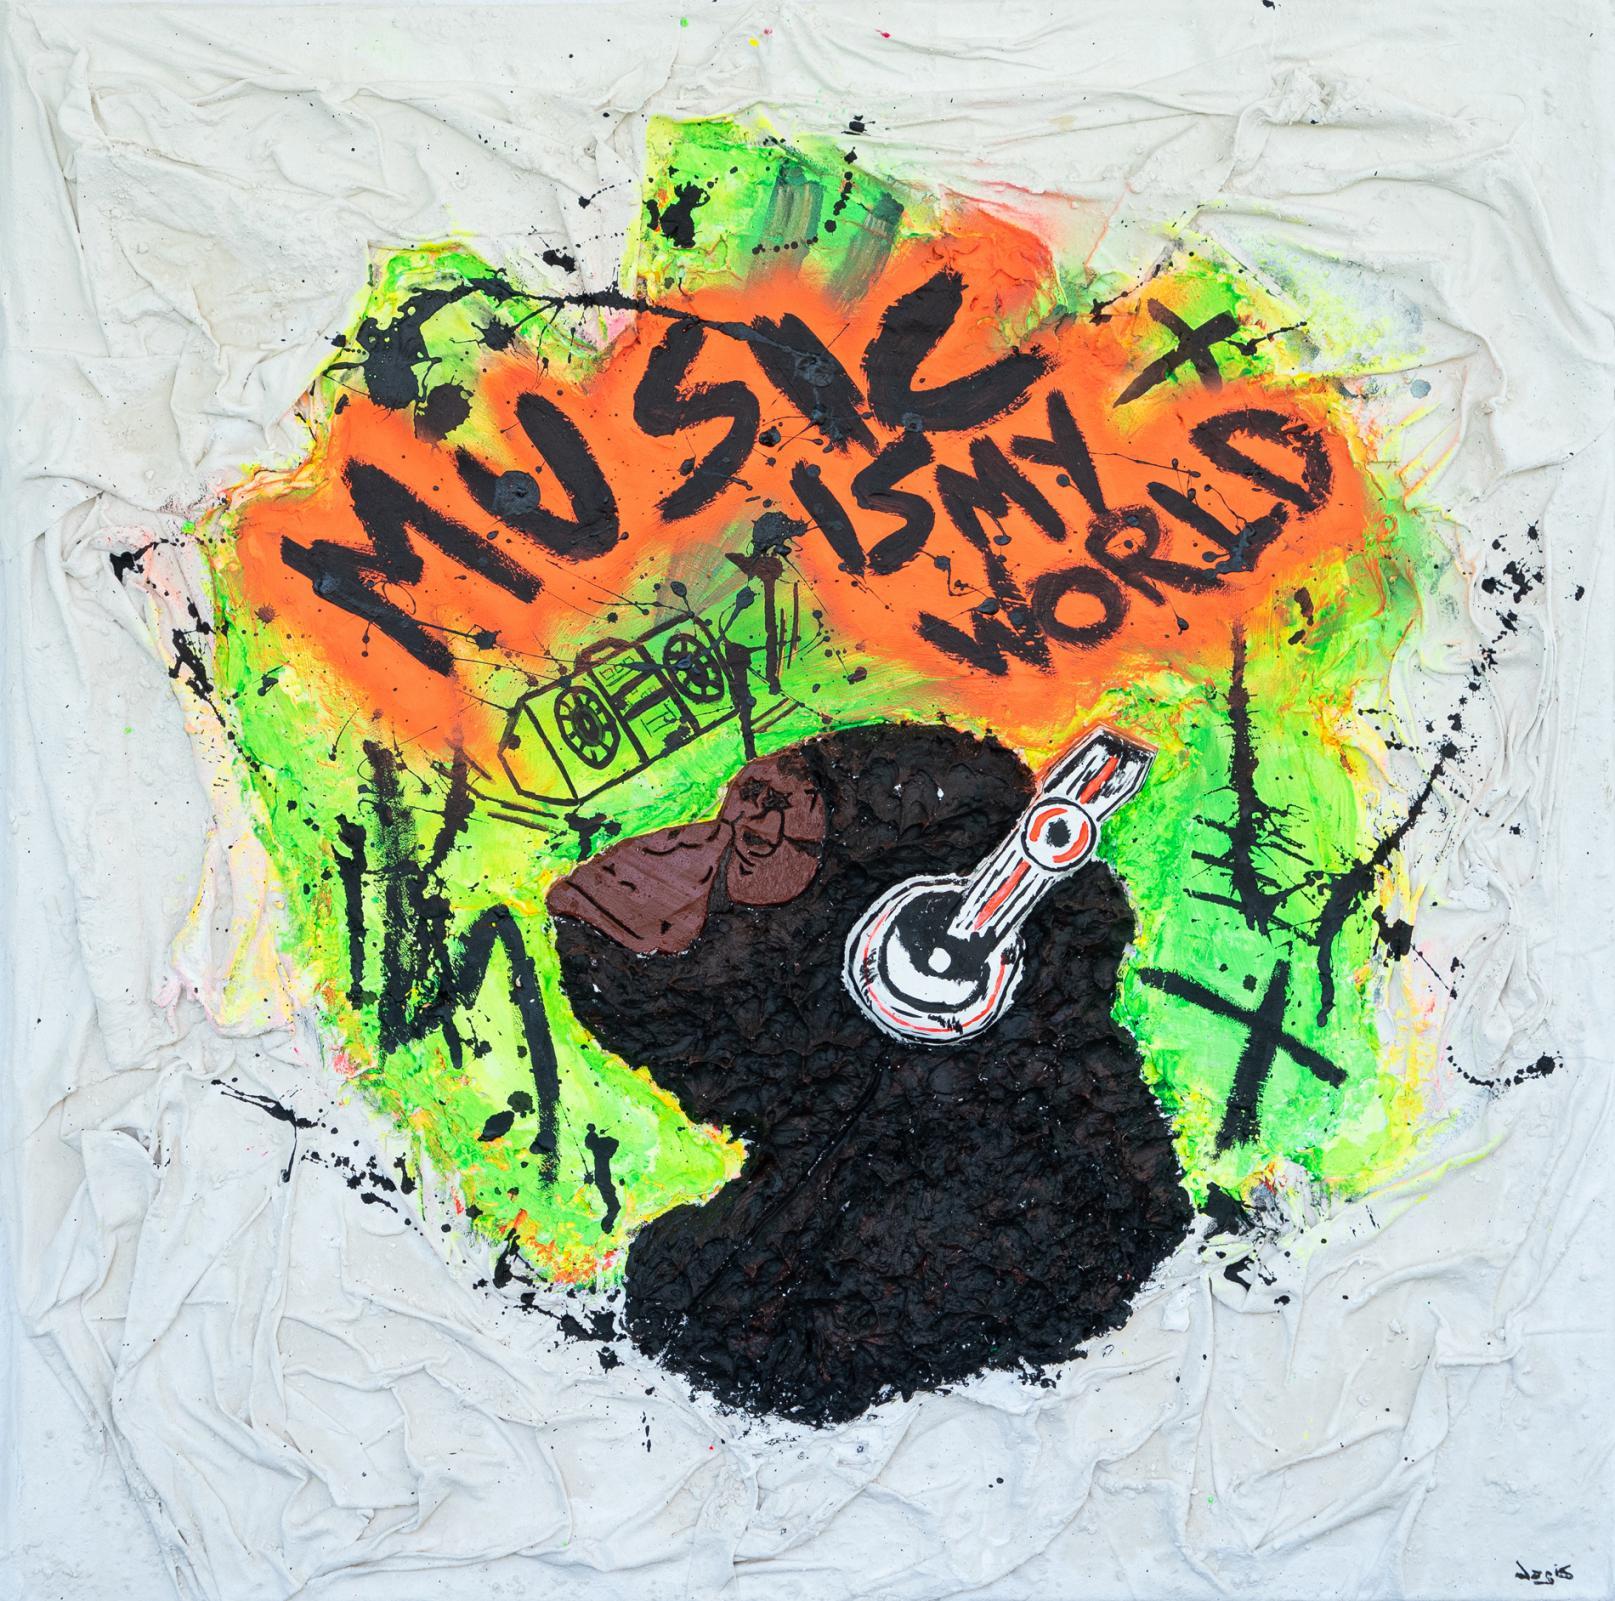 MUSIC IS MY WORLD (2019) - JoGis Art